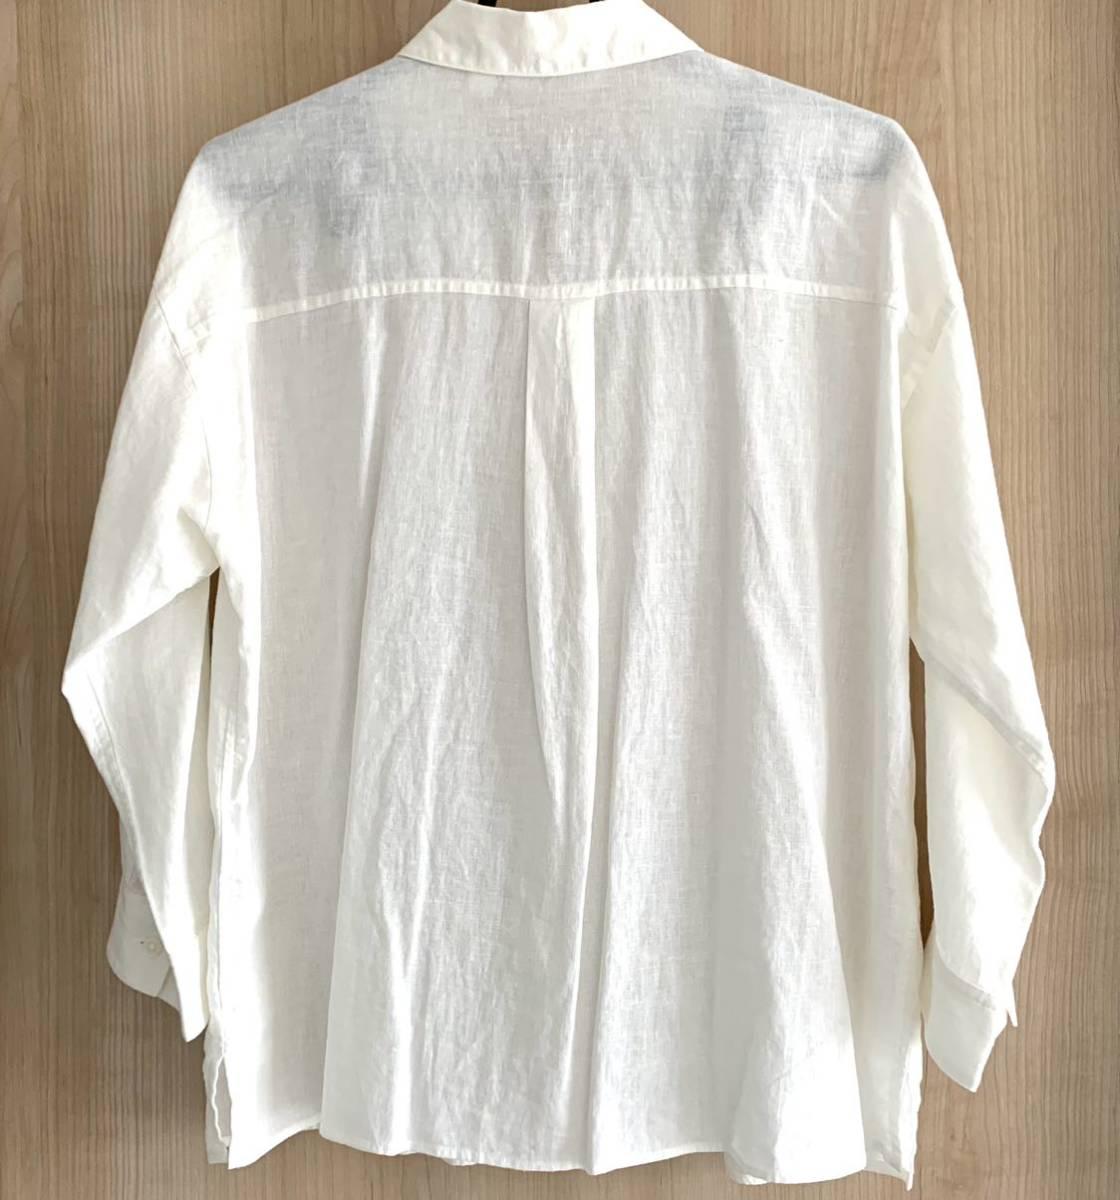 ユニクロ リネンブレンドシャツ 白 ホワイト_画像2